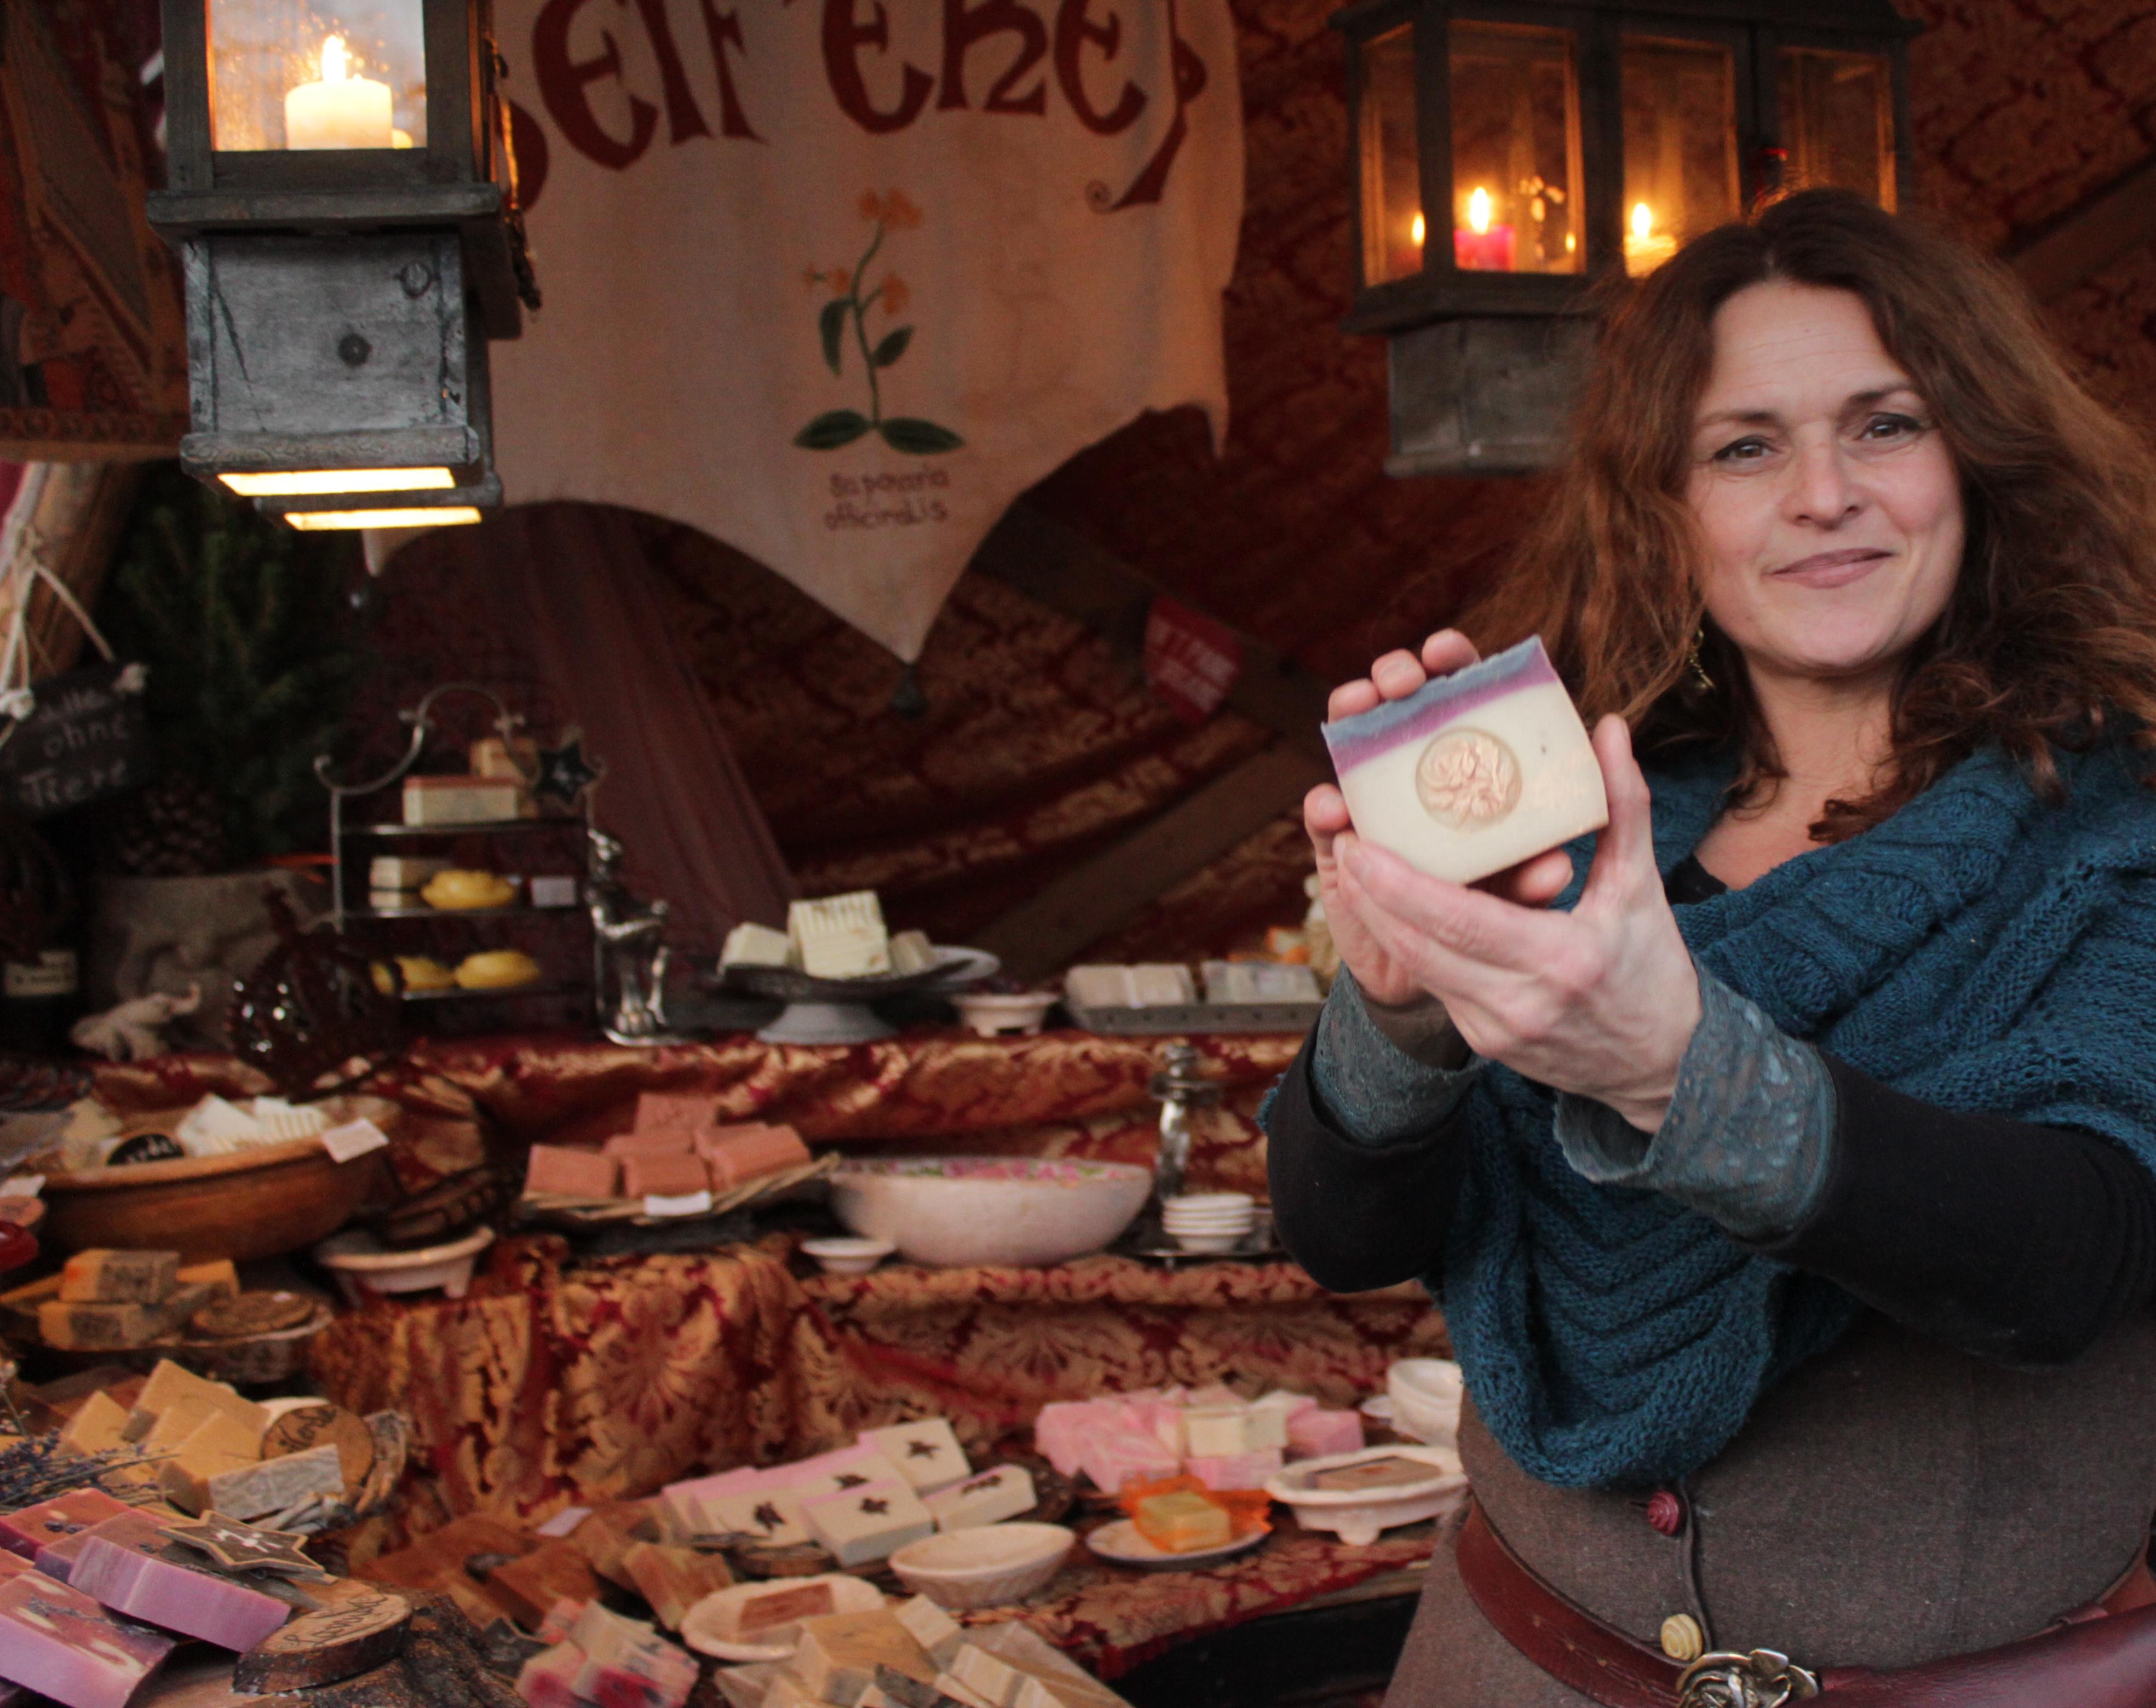 Die Verkäuferin, Daniela Exner-Groß, hält einer Ihrer selbstgemachten veganen Seifen vor ihrem Stand der Seiferey.